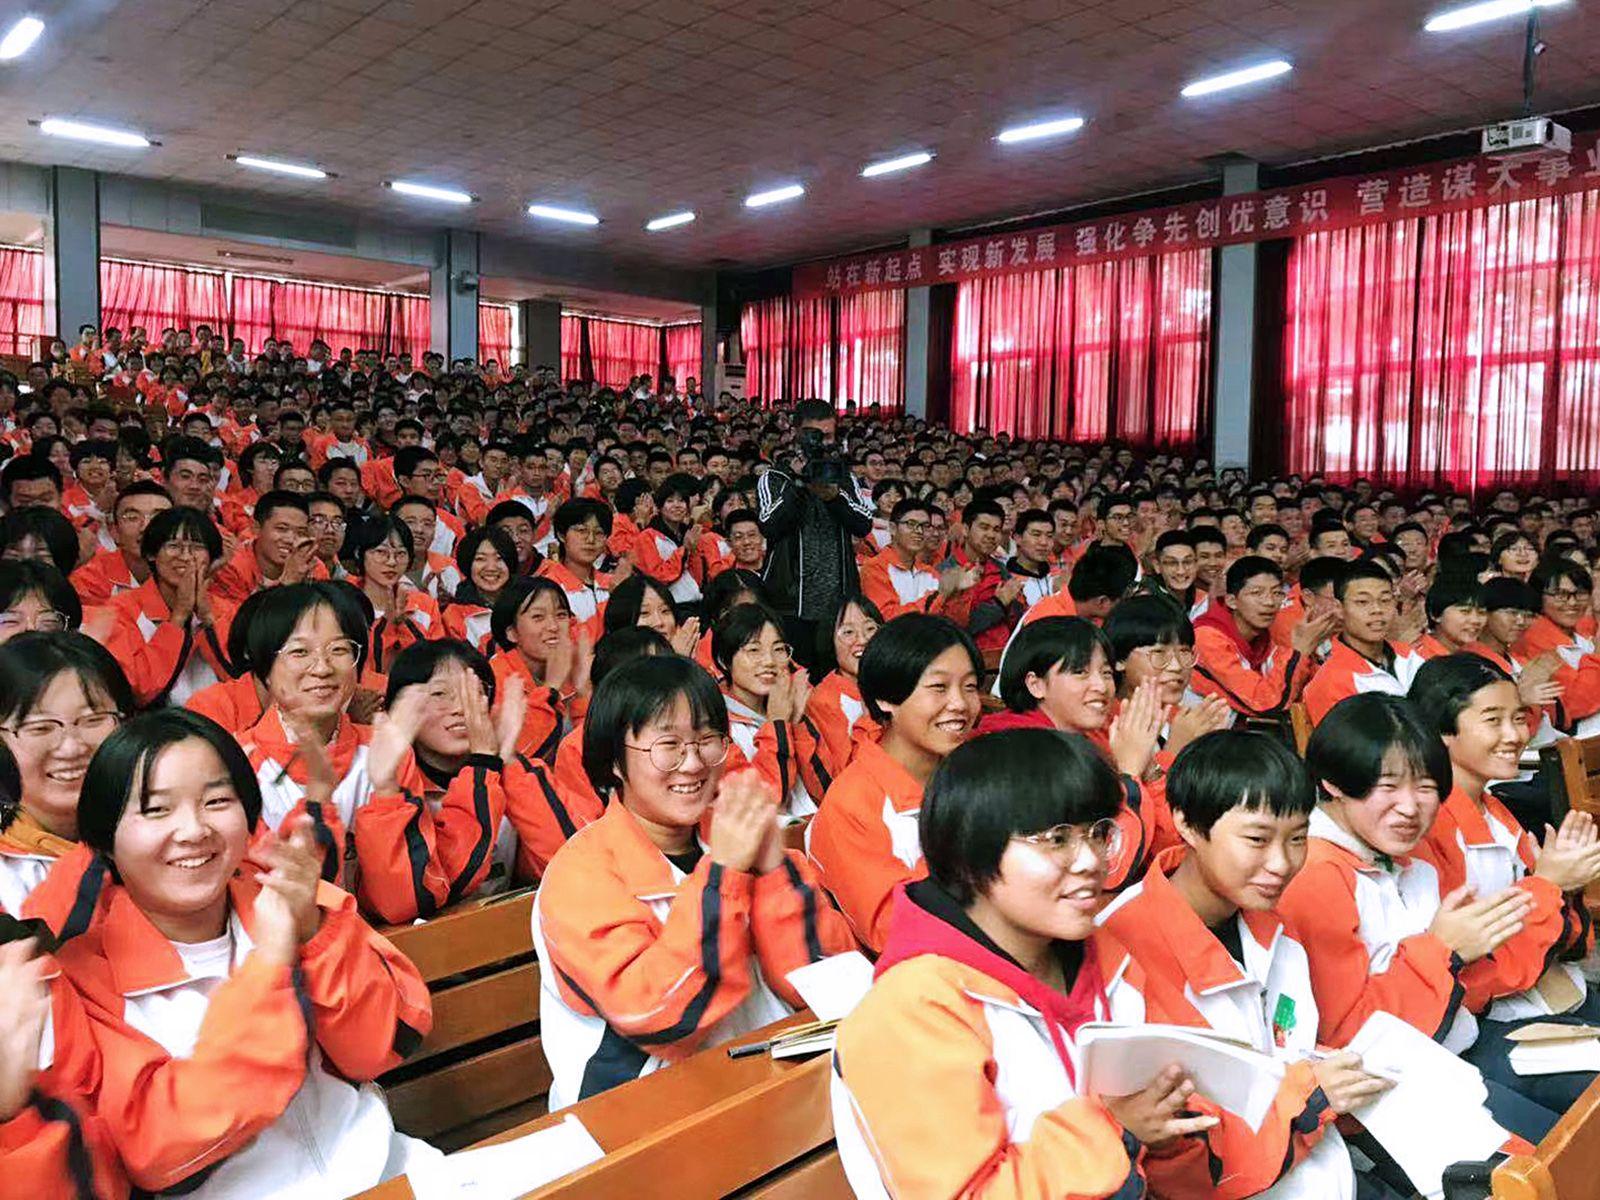 Делегация ВГУЭС открыла «Базы студентов» в десяти школах провинции Шаньдун (КНР)